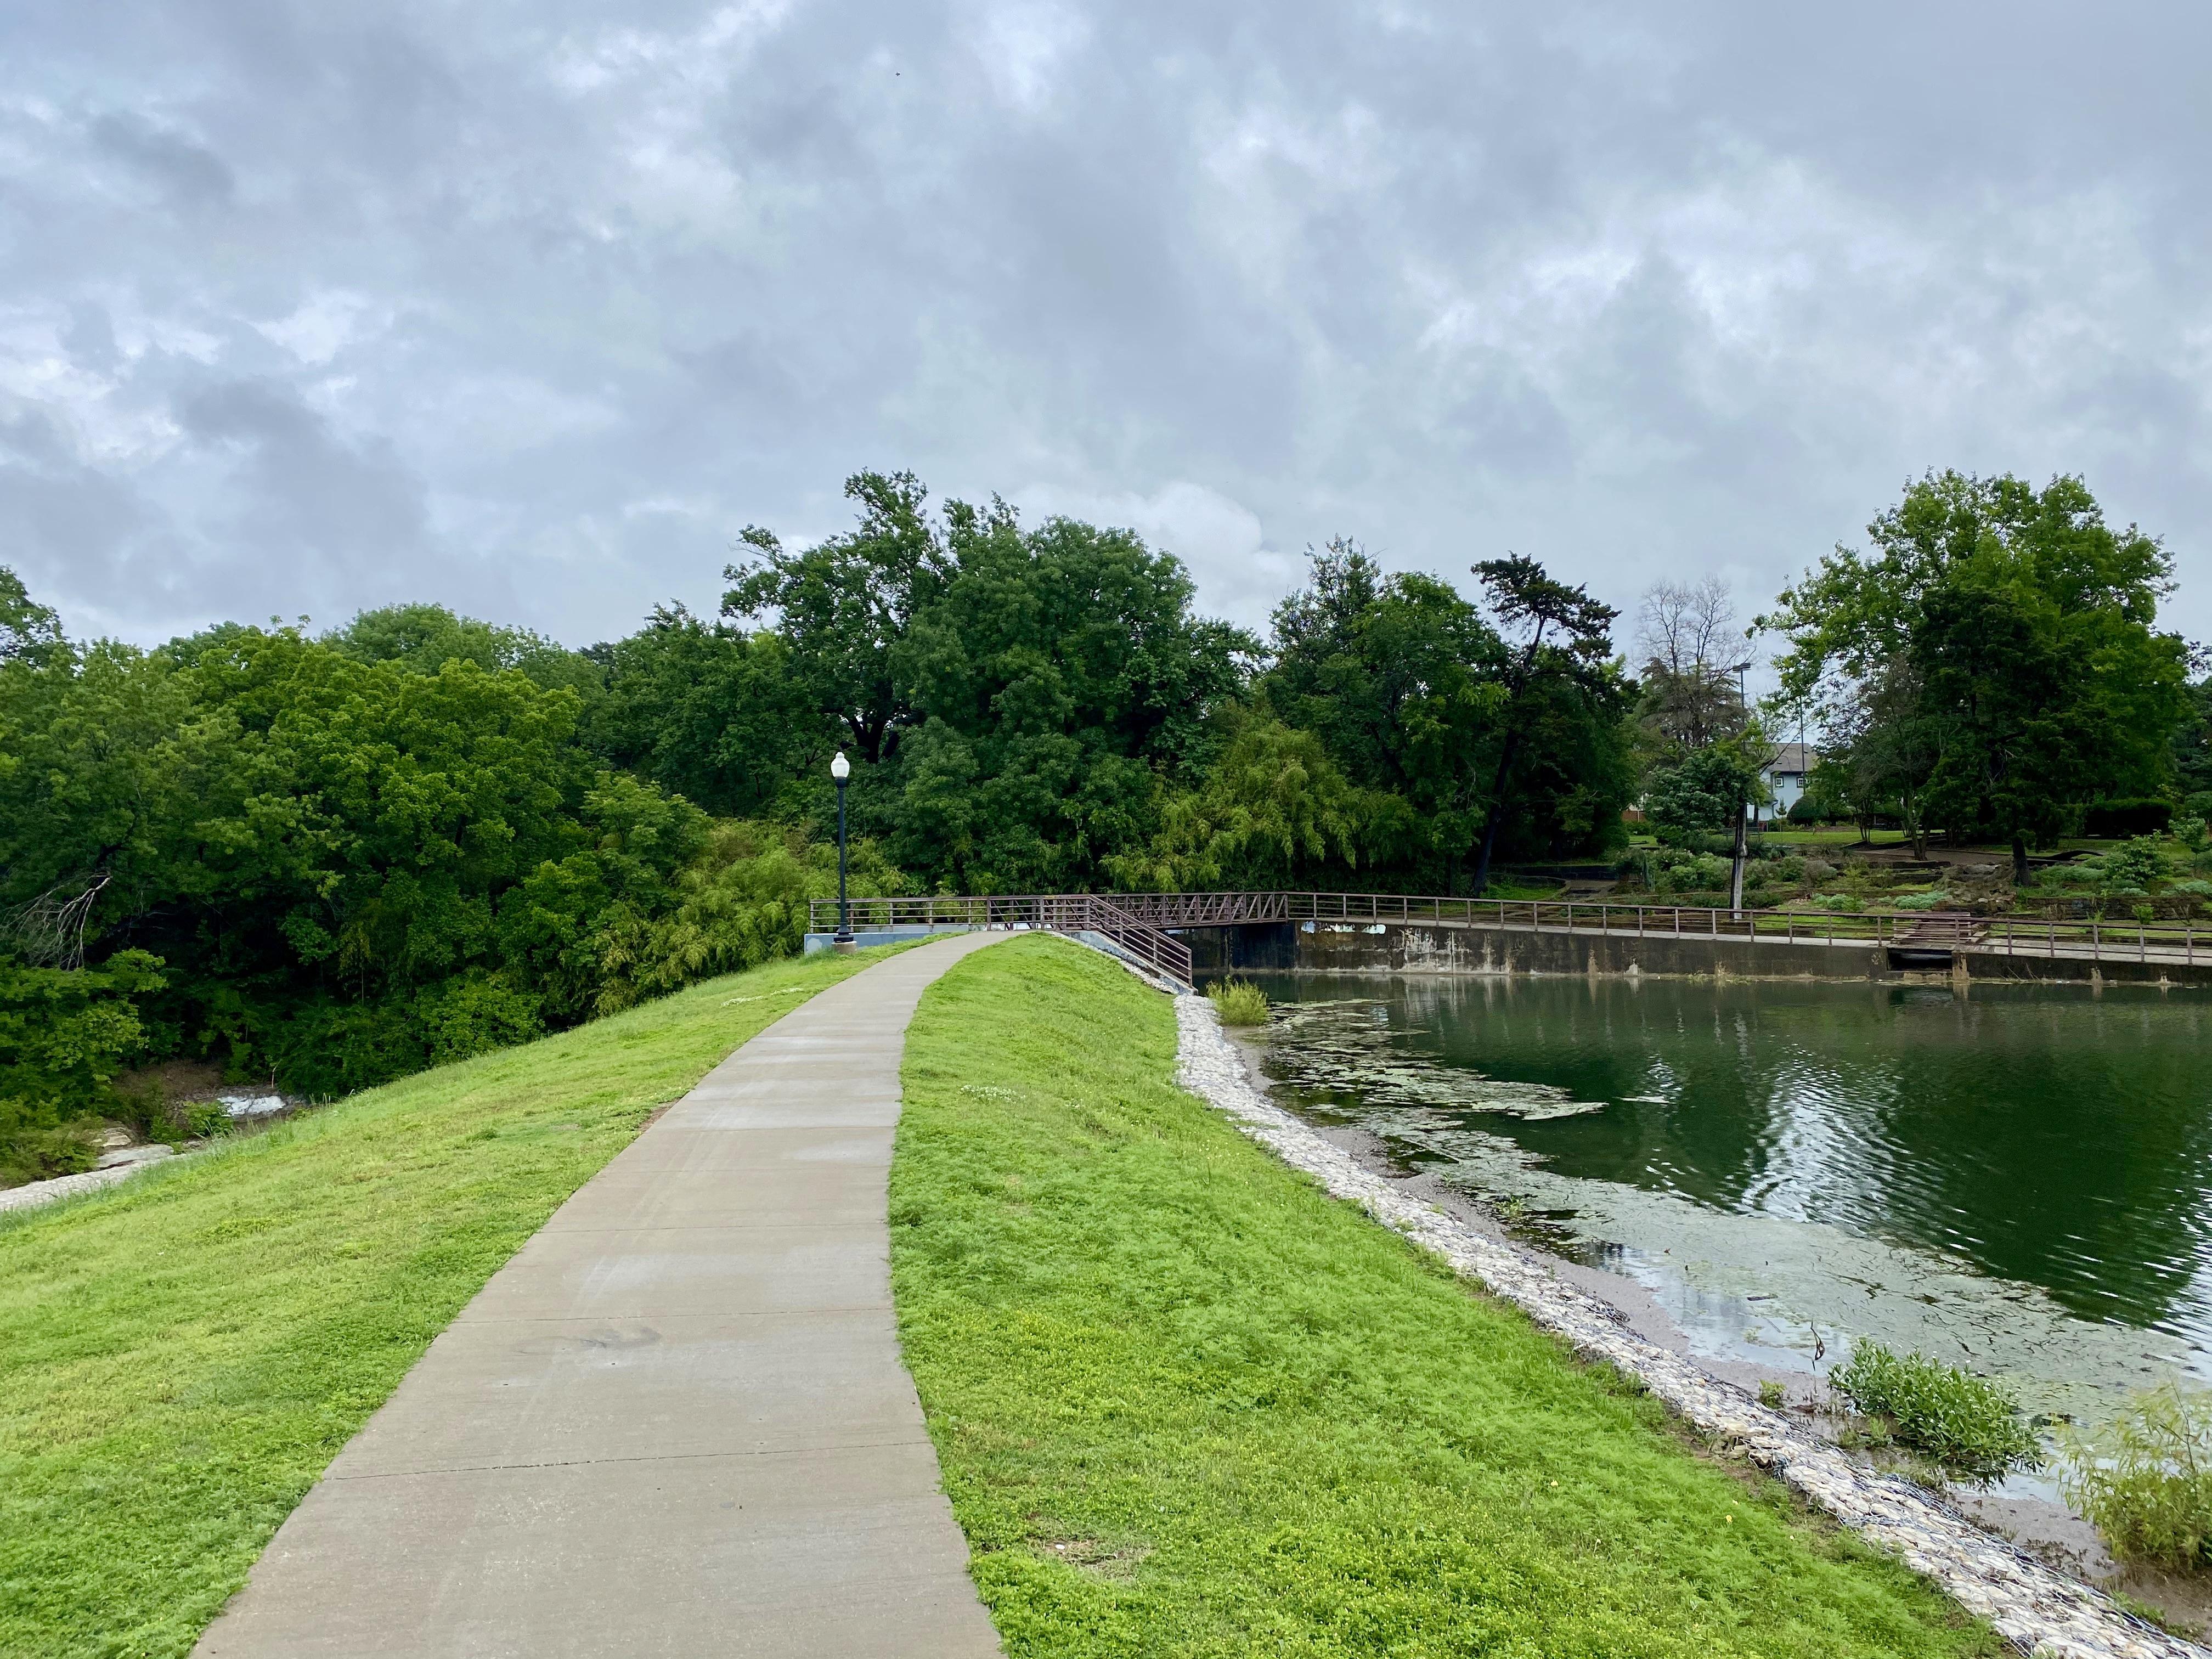 Kidd Springs Park in Oak Cliff, TX